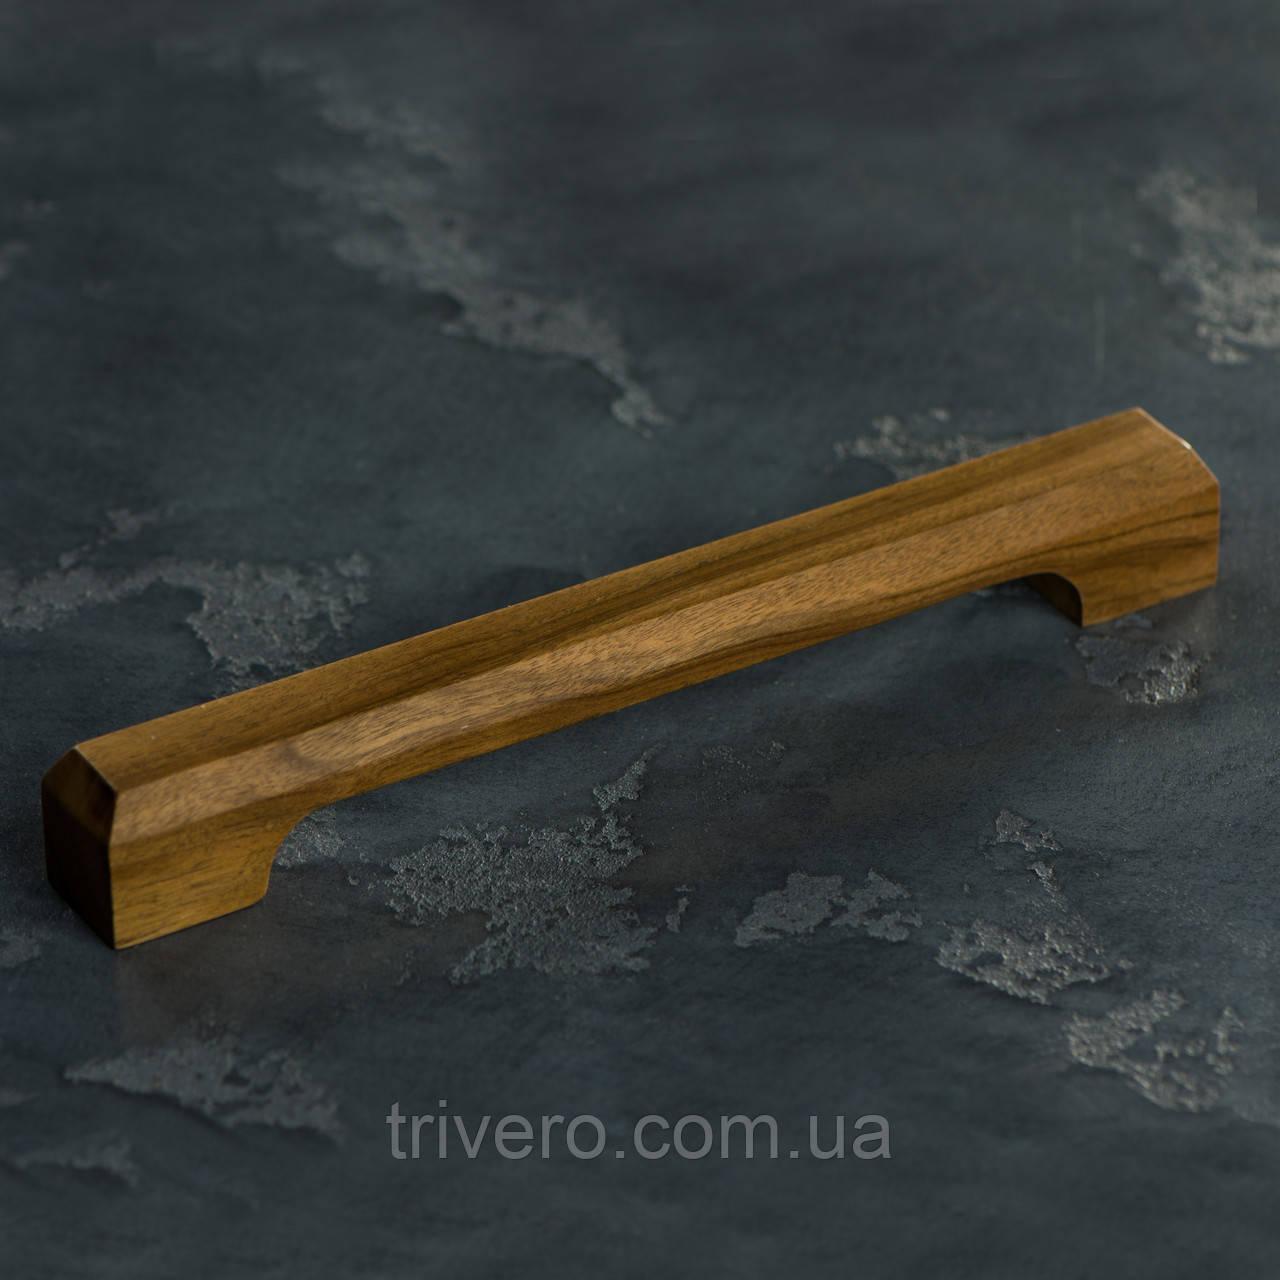 Дизайнерская мебельная ручка деревянная с гранями орех